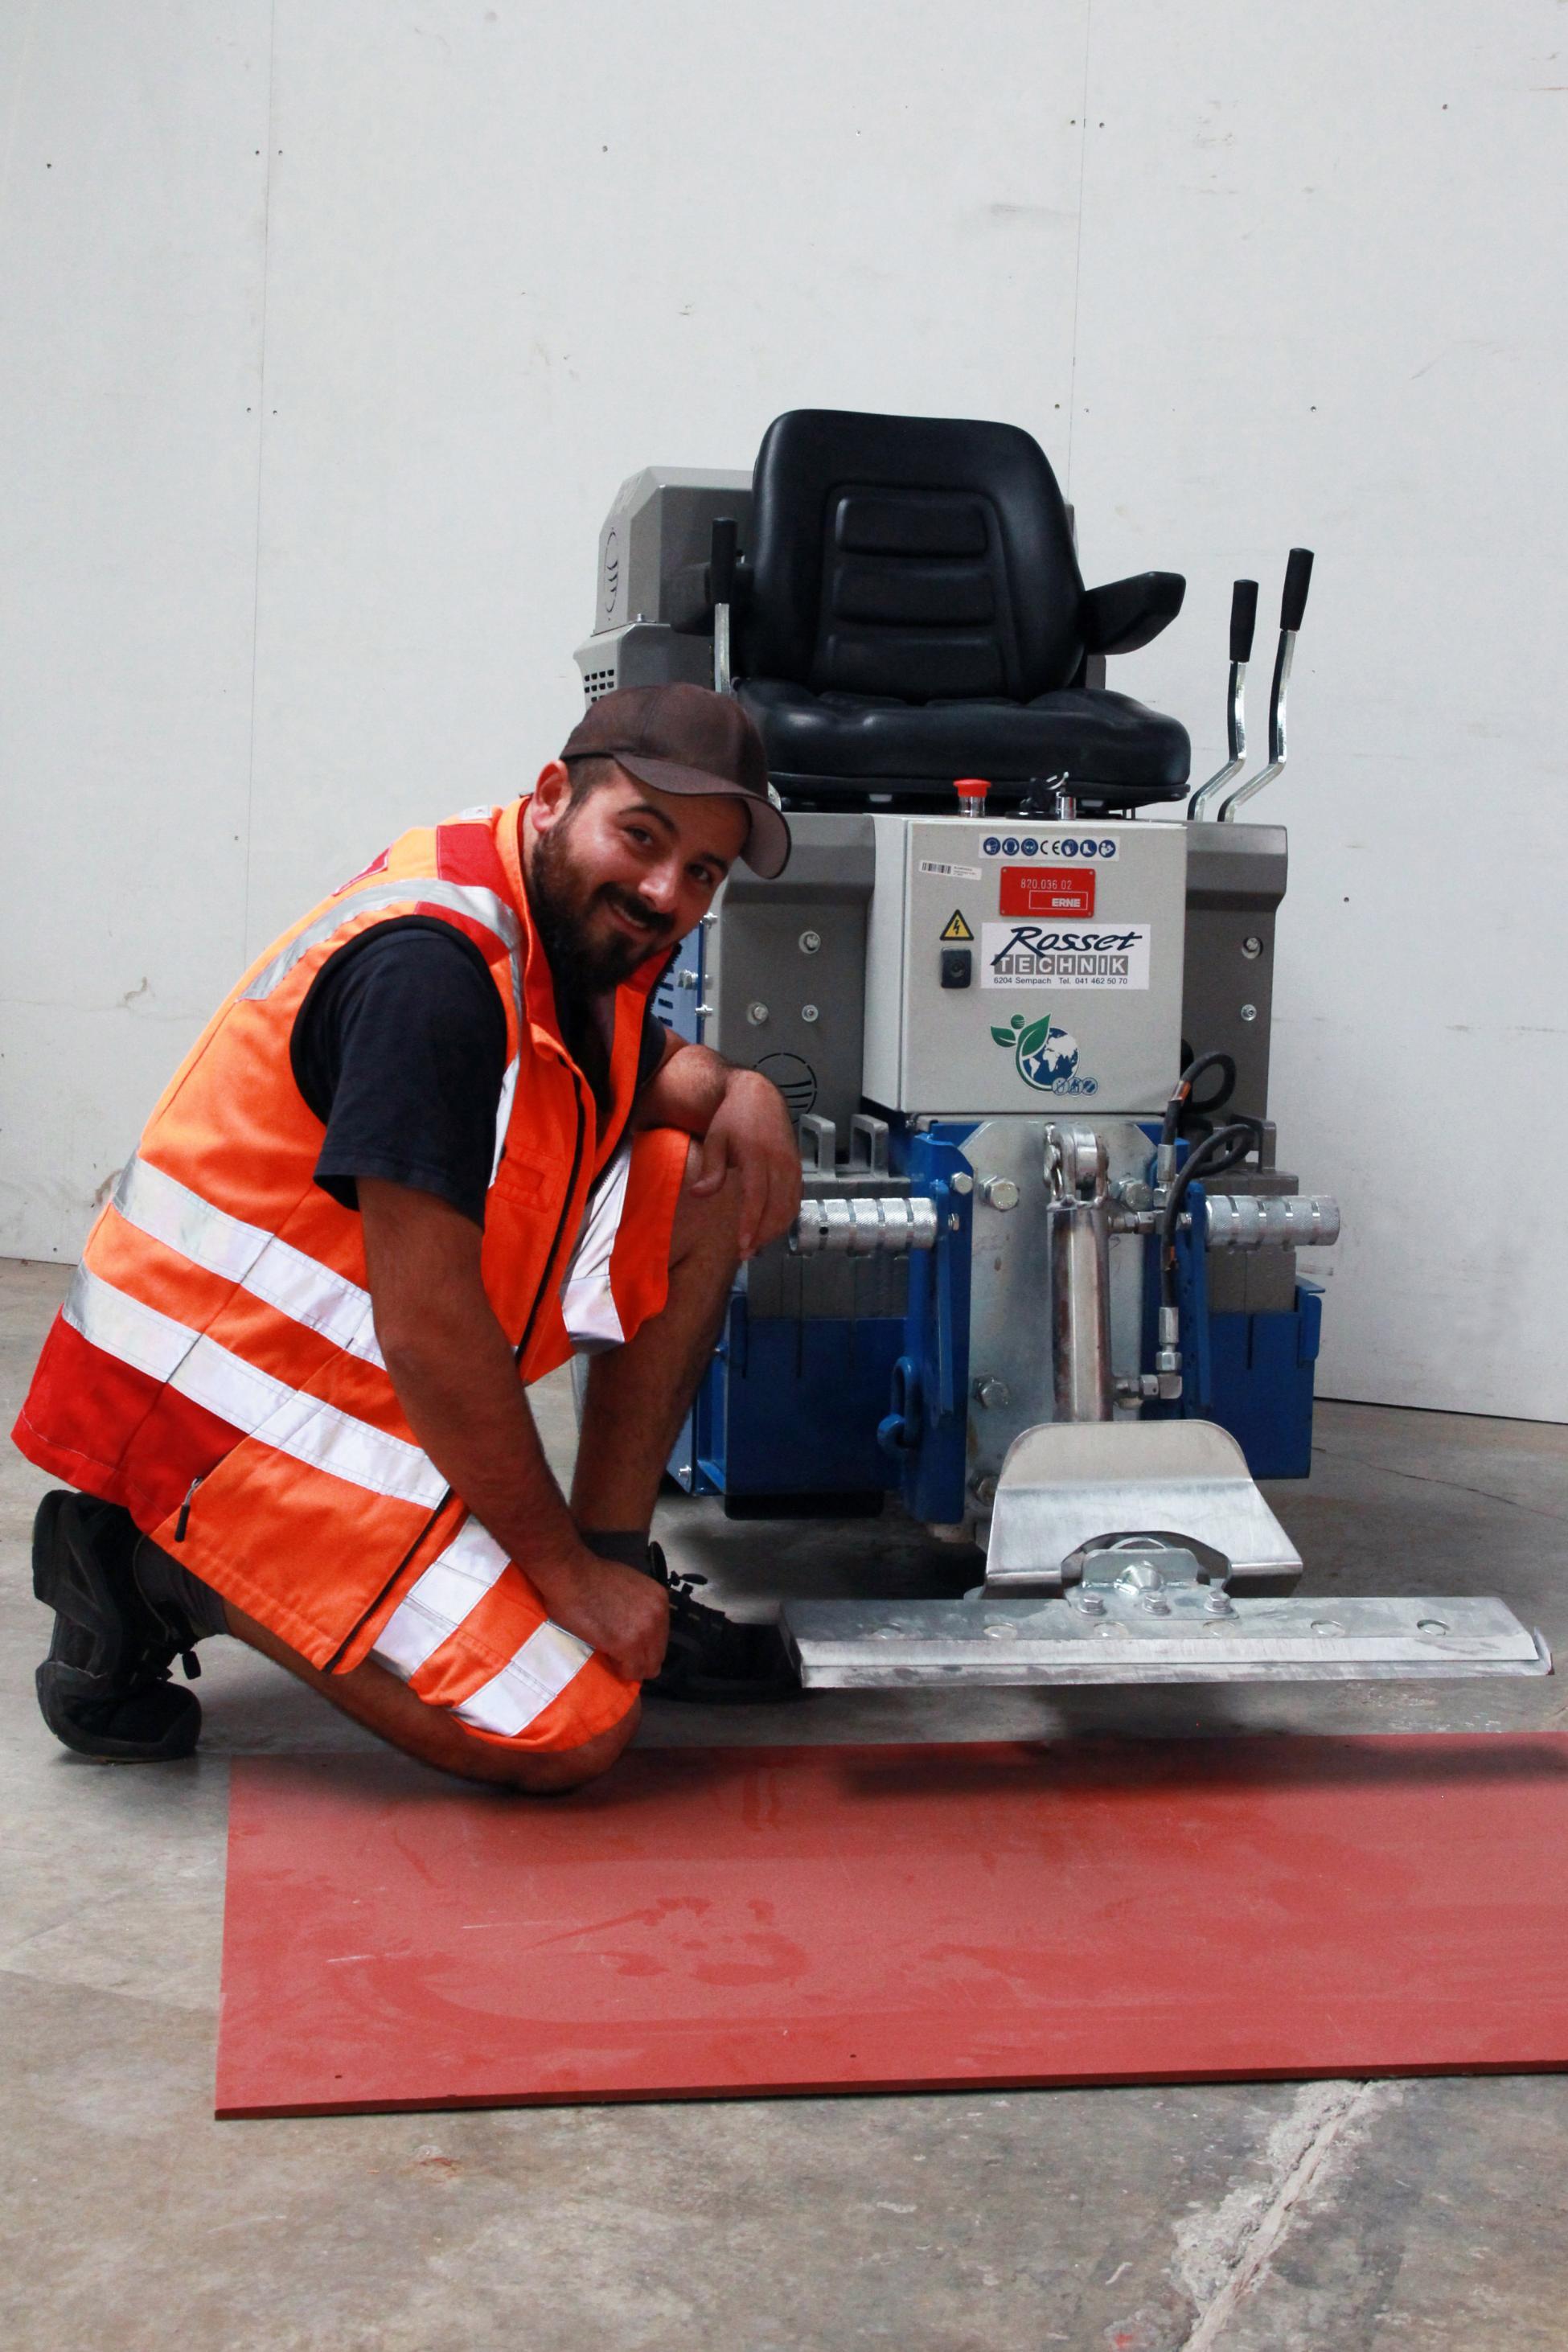 Bodenbeläge entfernen Aufsitzstripper Maschine ERNE decon